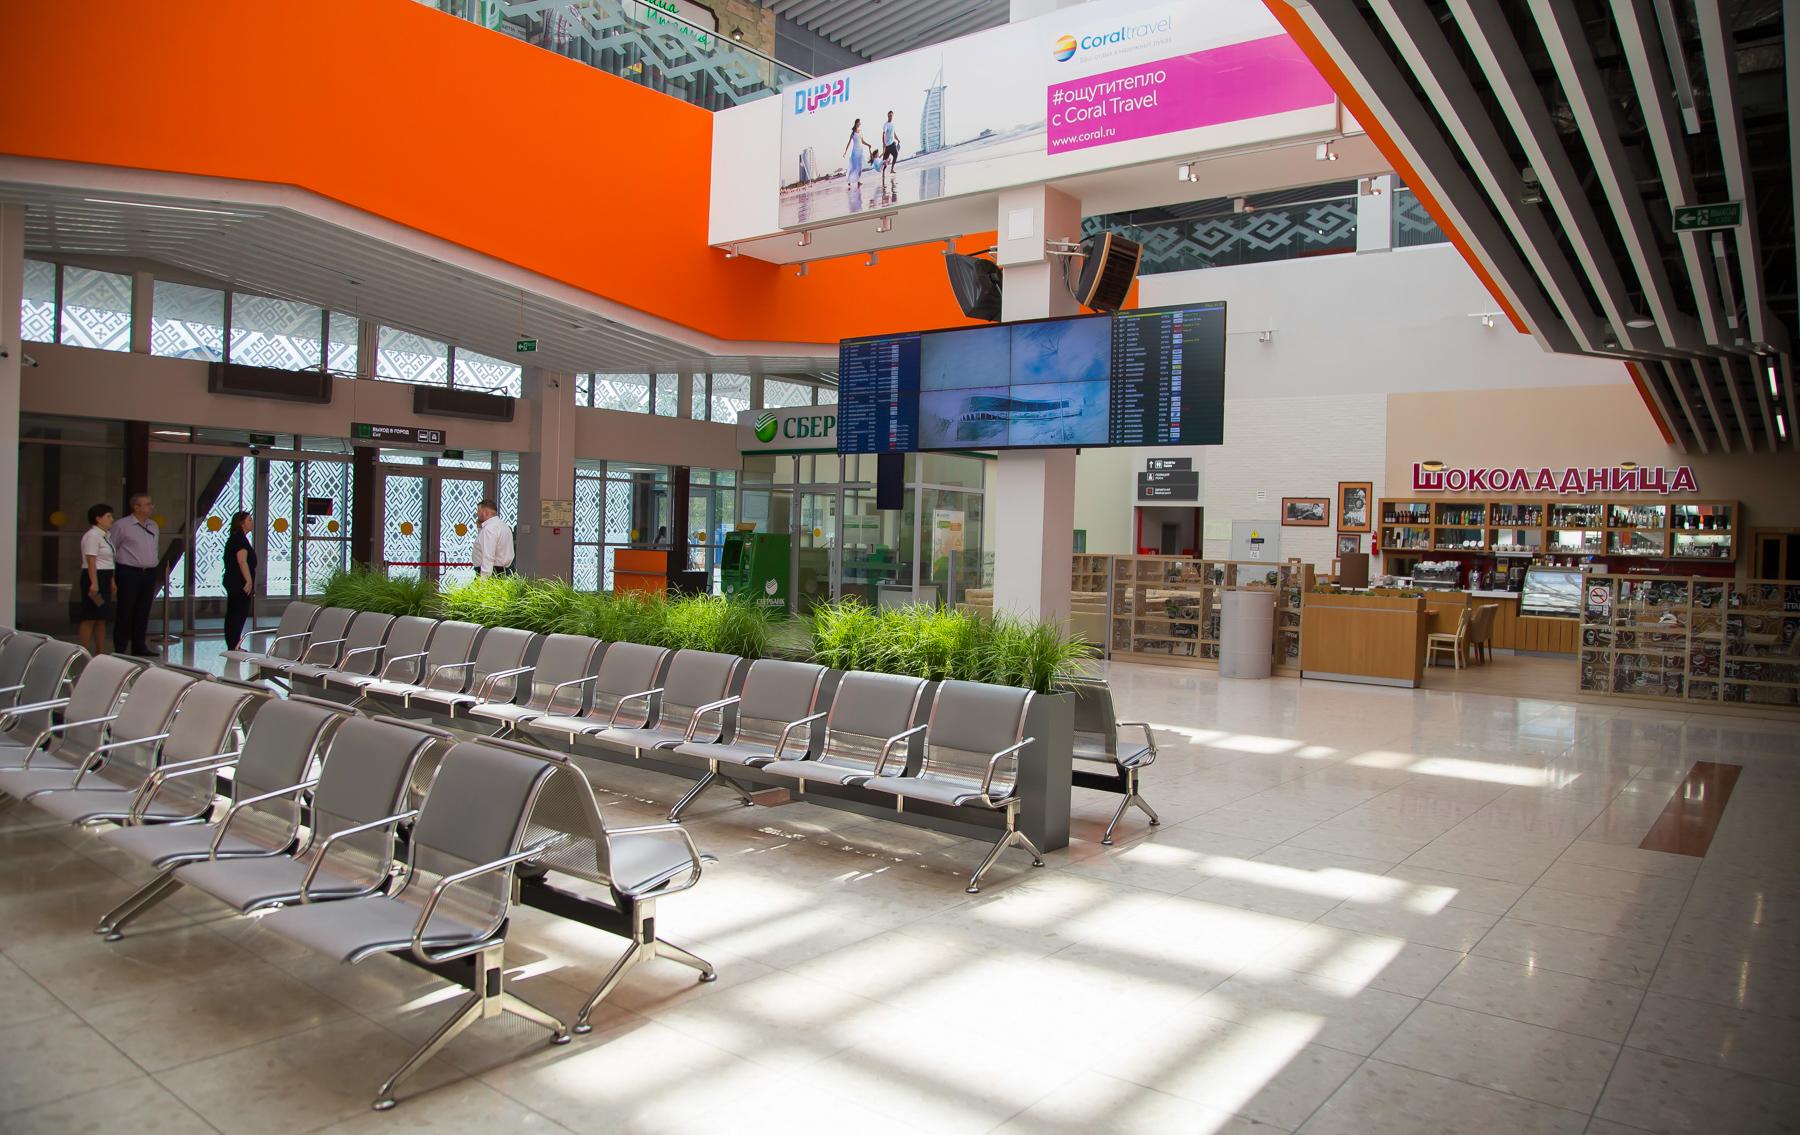 Пропускная способность нового терминала выросла до 800 пассажиров в час